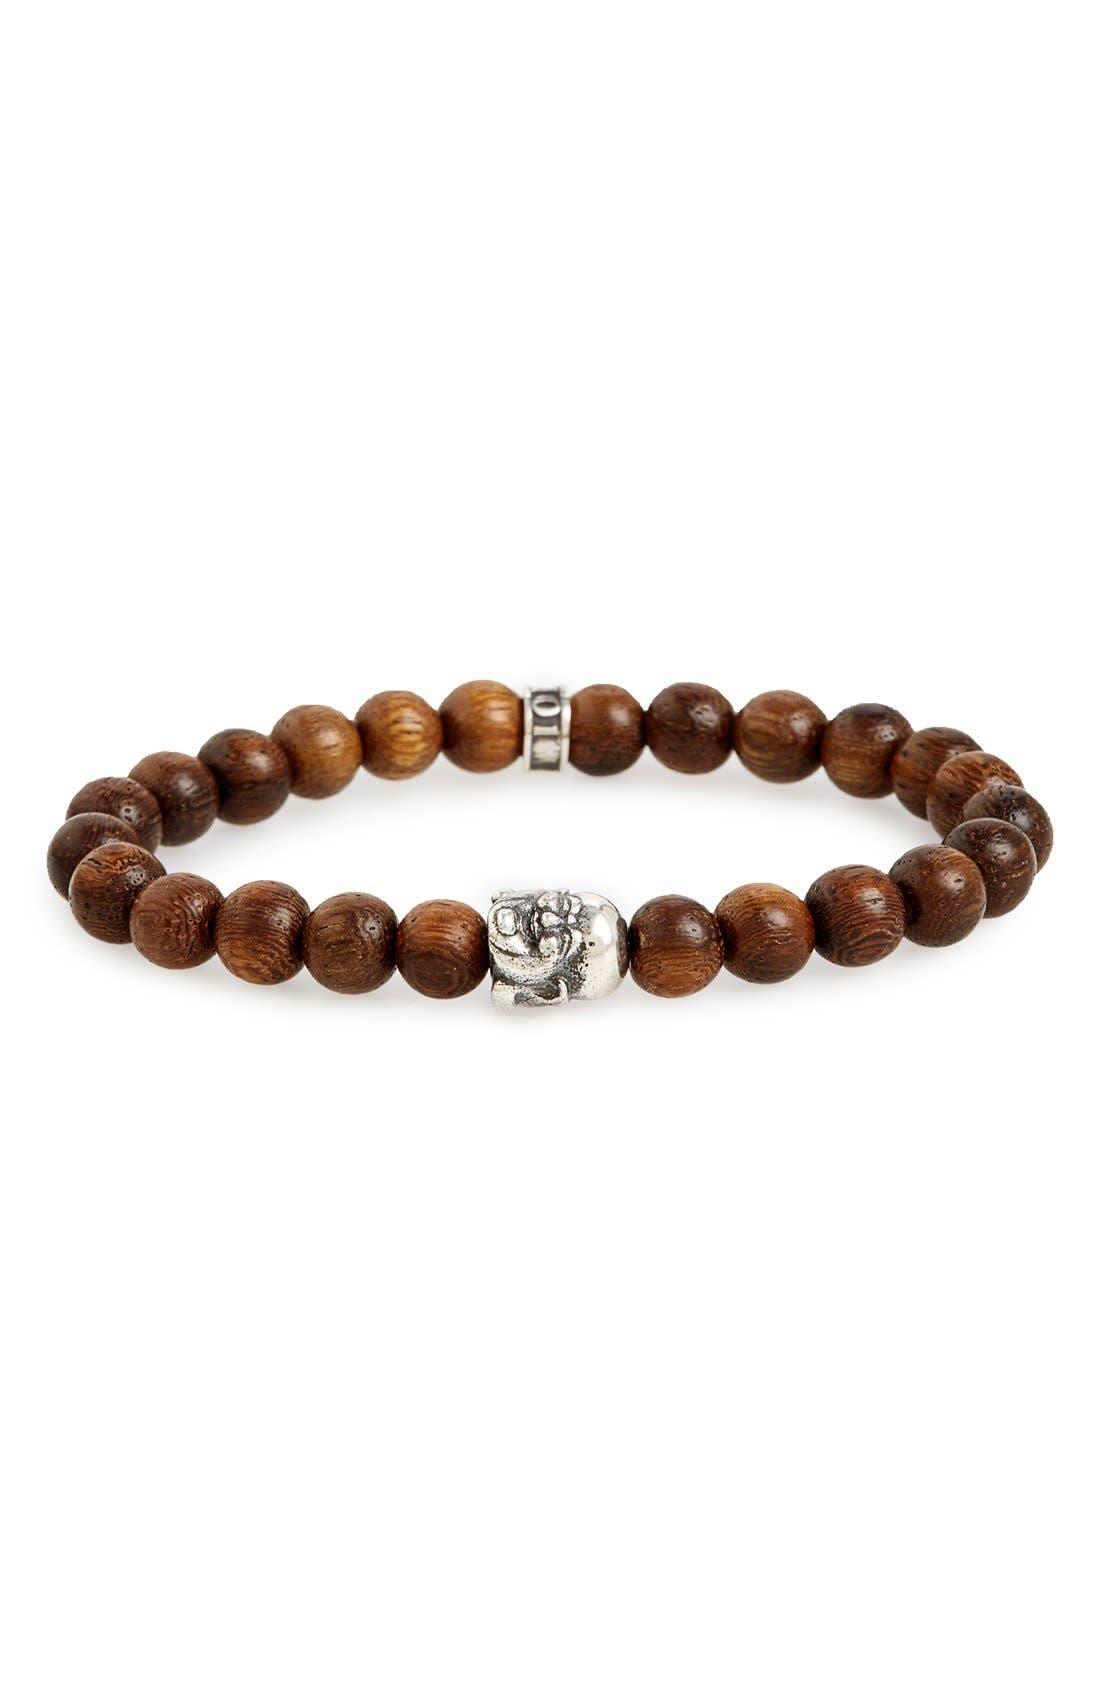 ROOM101 Wood Buddha Bead Bracelet